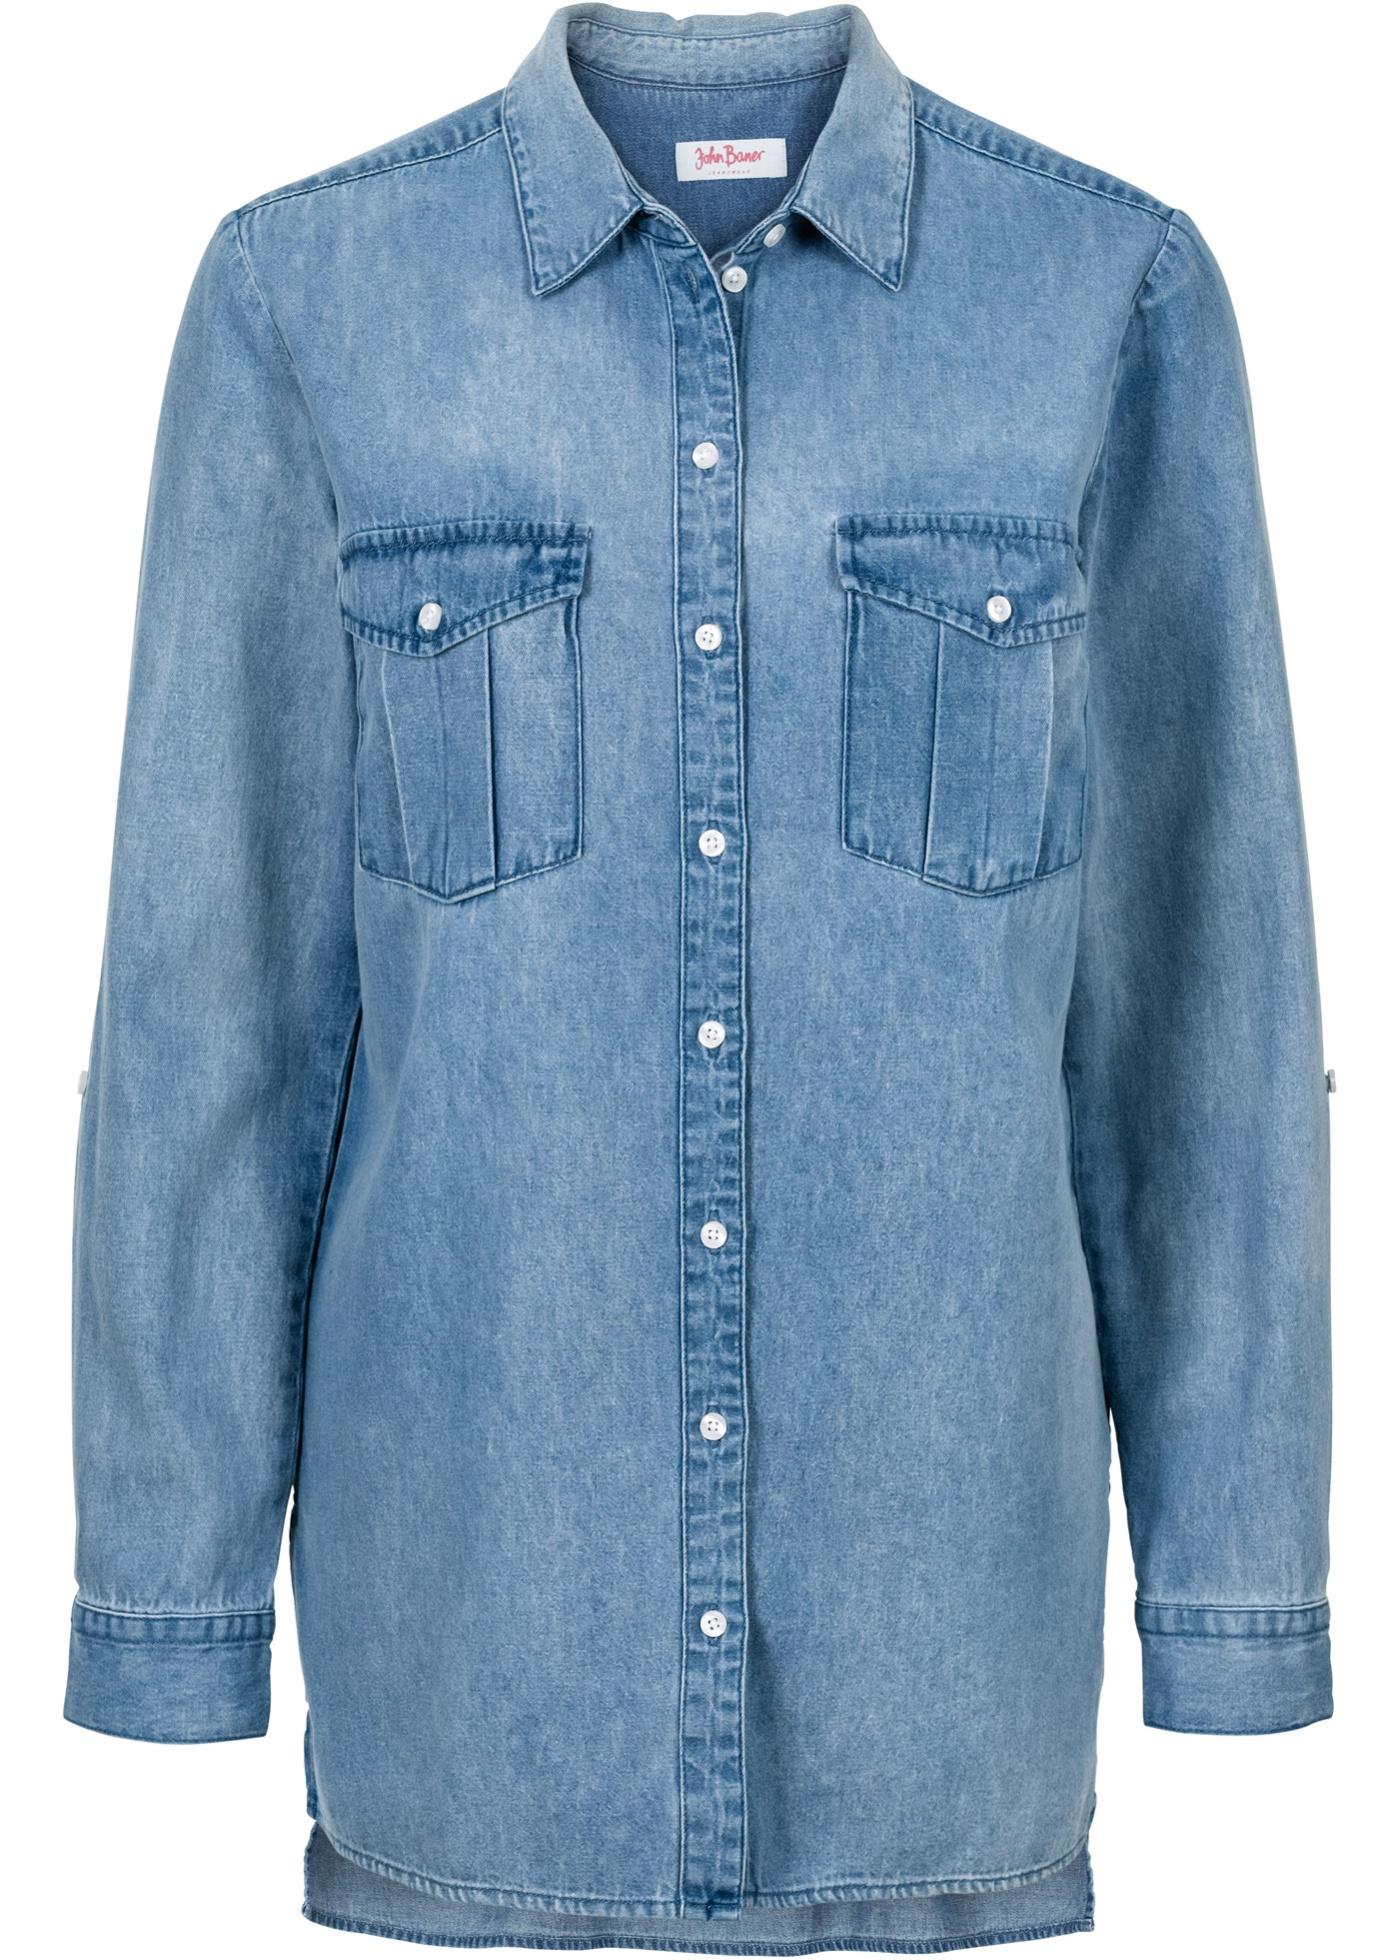 Chemise en jean extra longue, manches longues